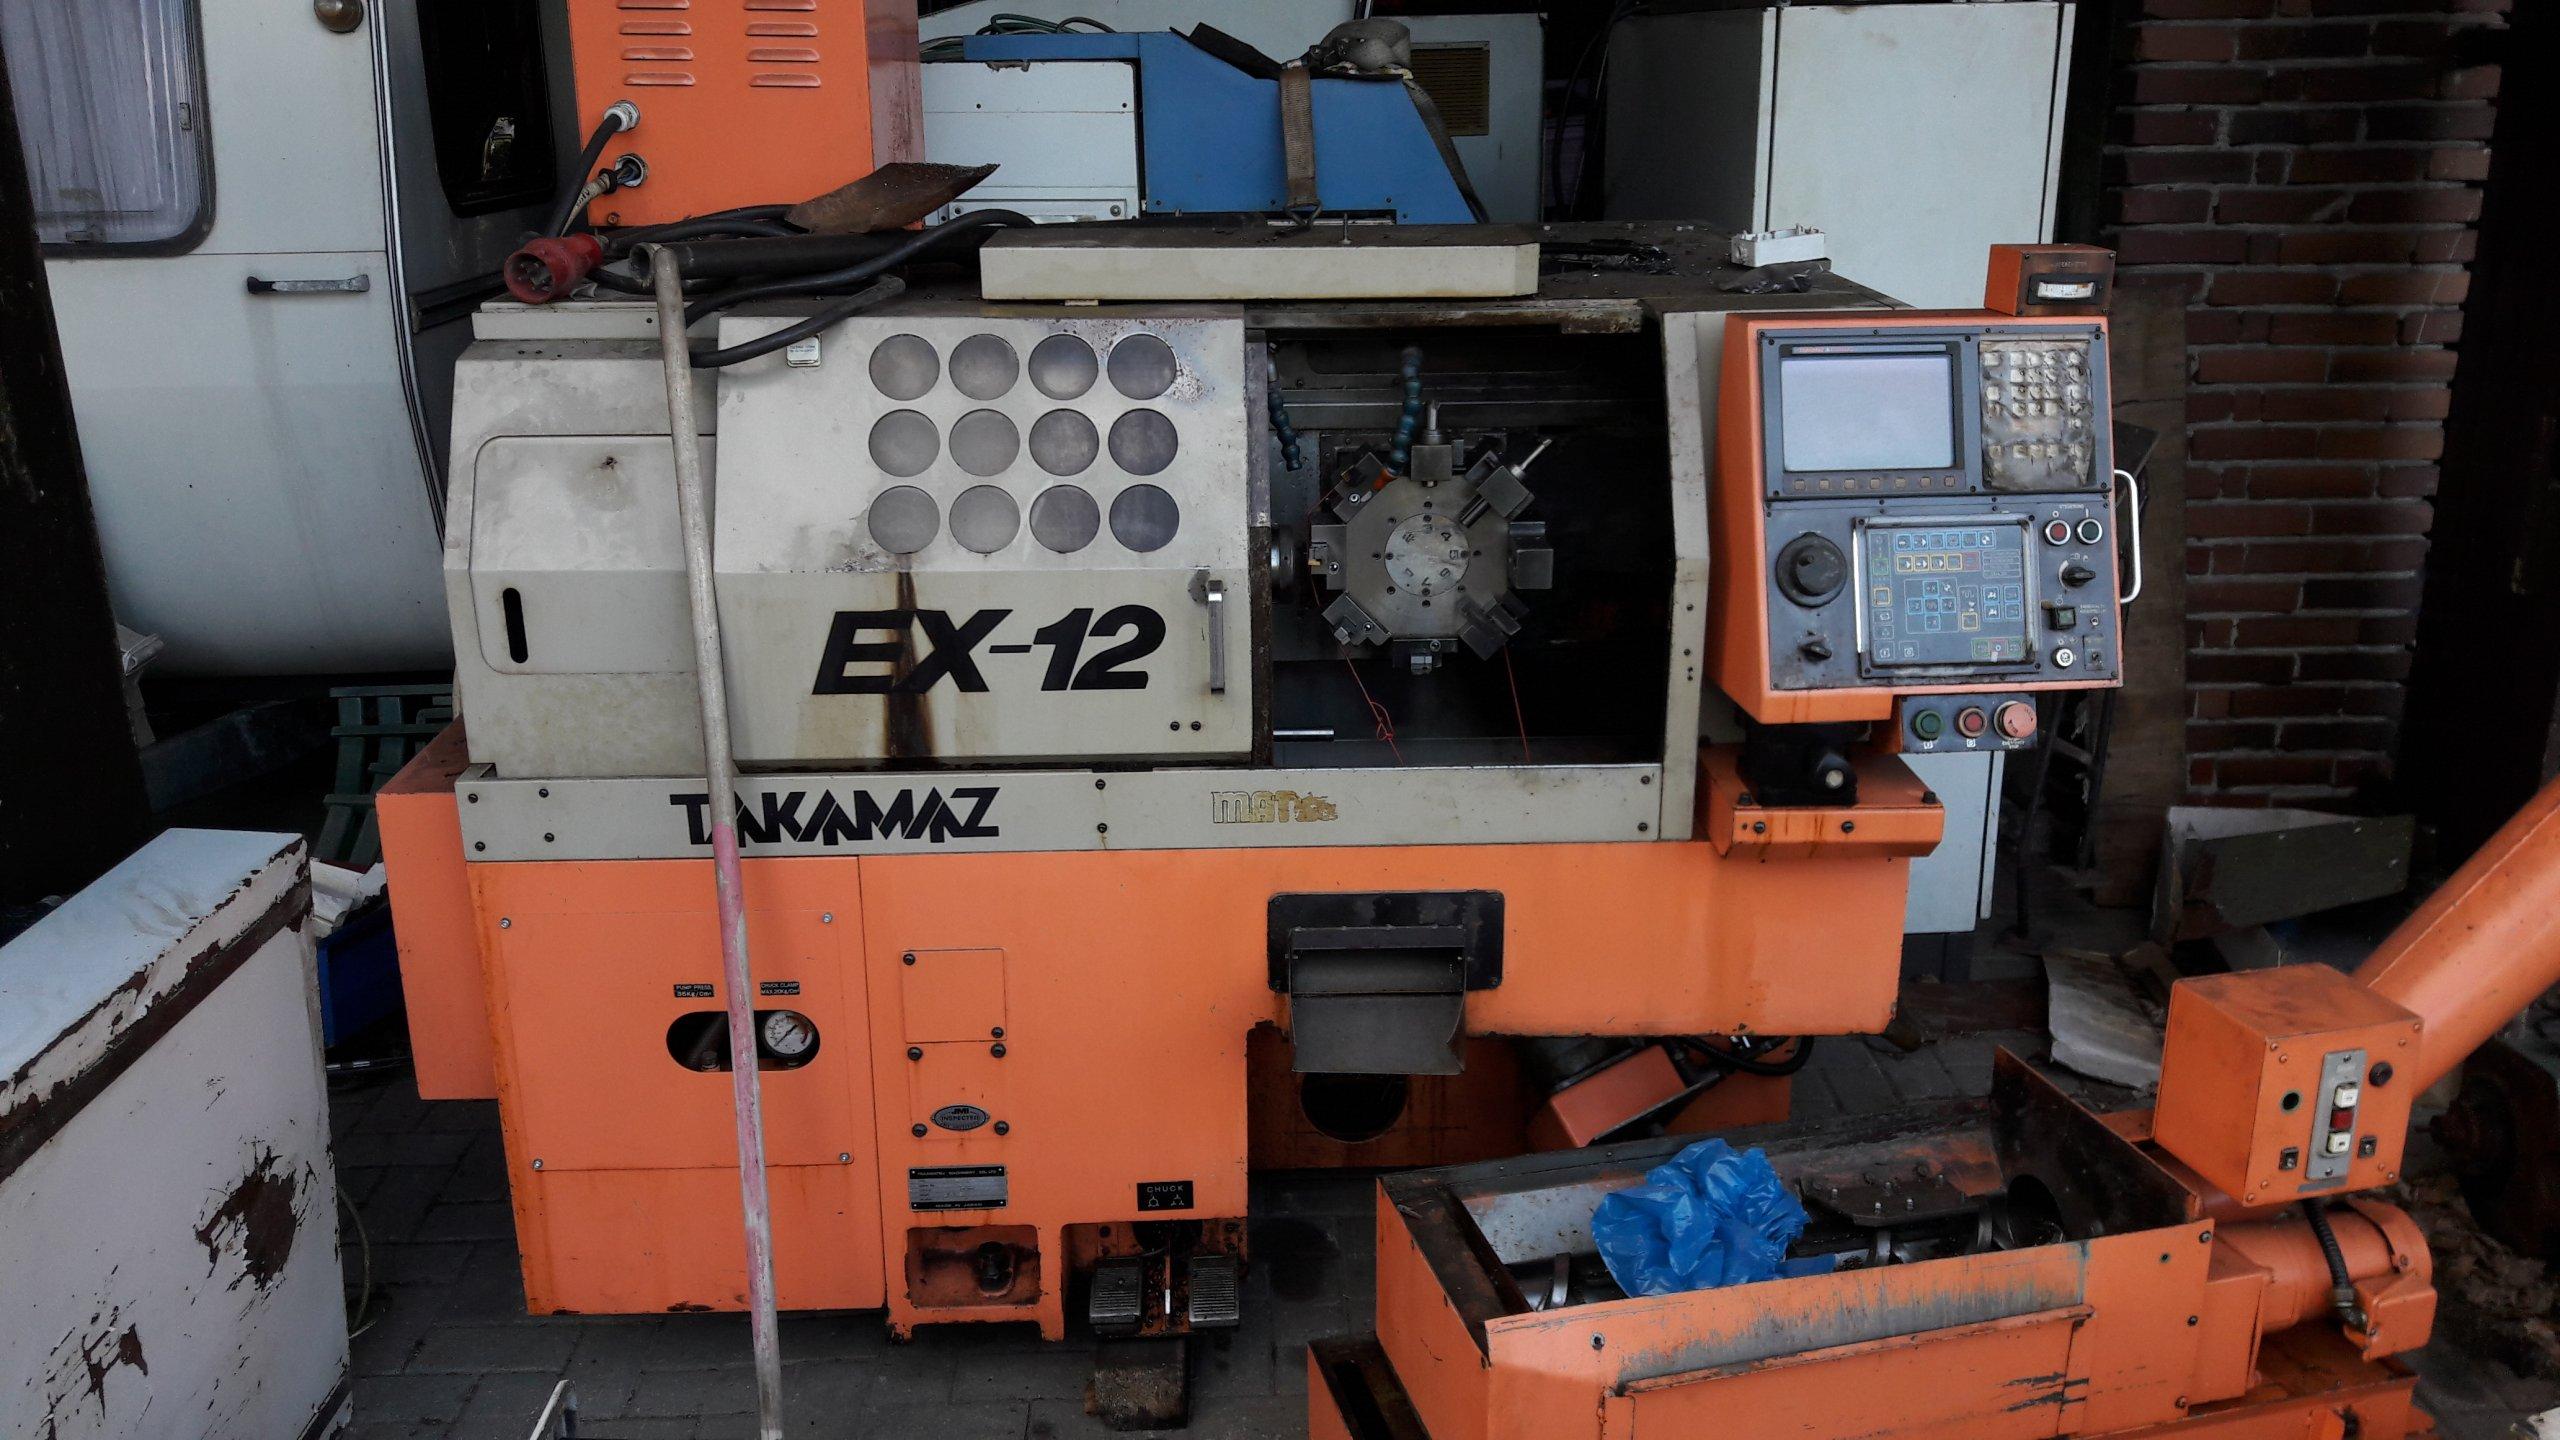 W Ultra Automat Tokarski CNC TAKAMAZ EX-12 rok prod. 1992 - 7293159298 HJ67